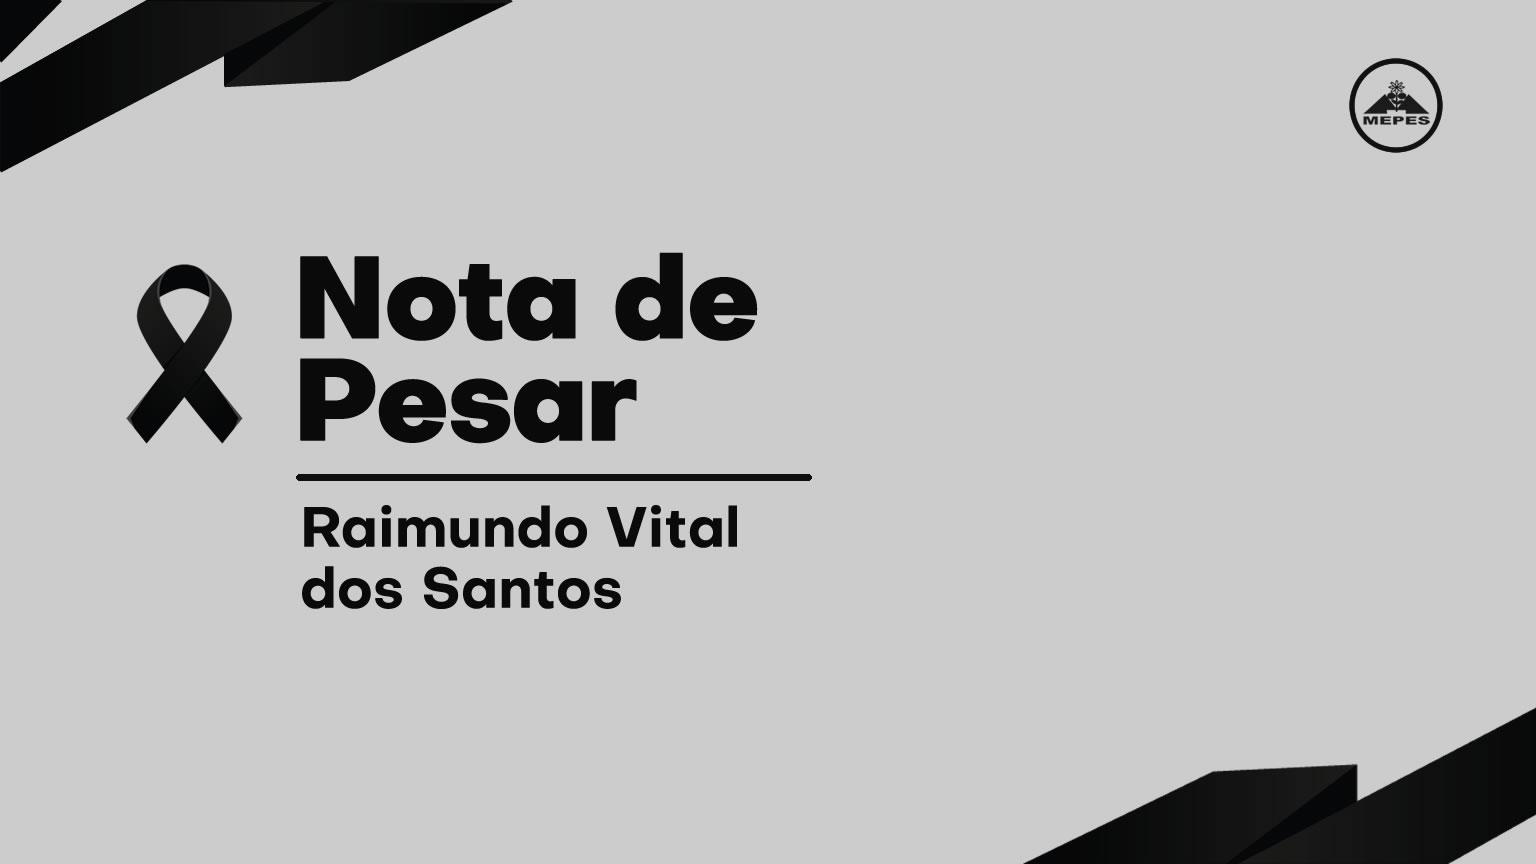 Nota de Pesar – Raimundo Vital dos Santos